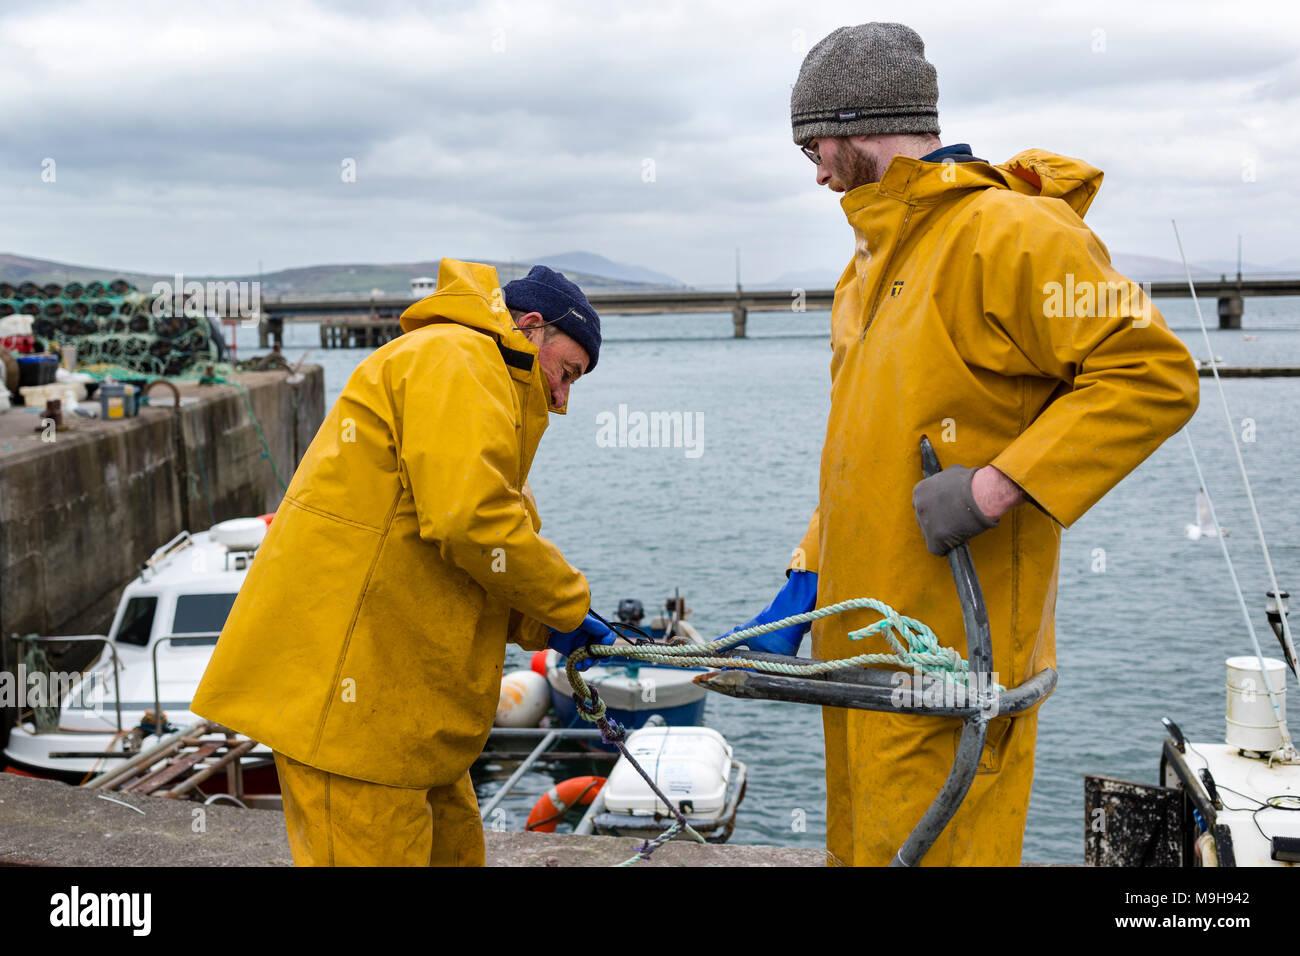 Aragosta irlandese fisherman preparando per un altro viaggio, Portmagee Contea di Kerry, Irlanda Immagini Stock